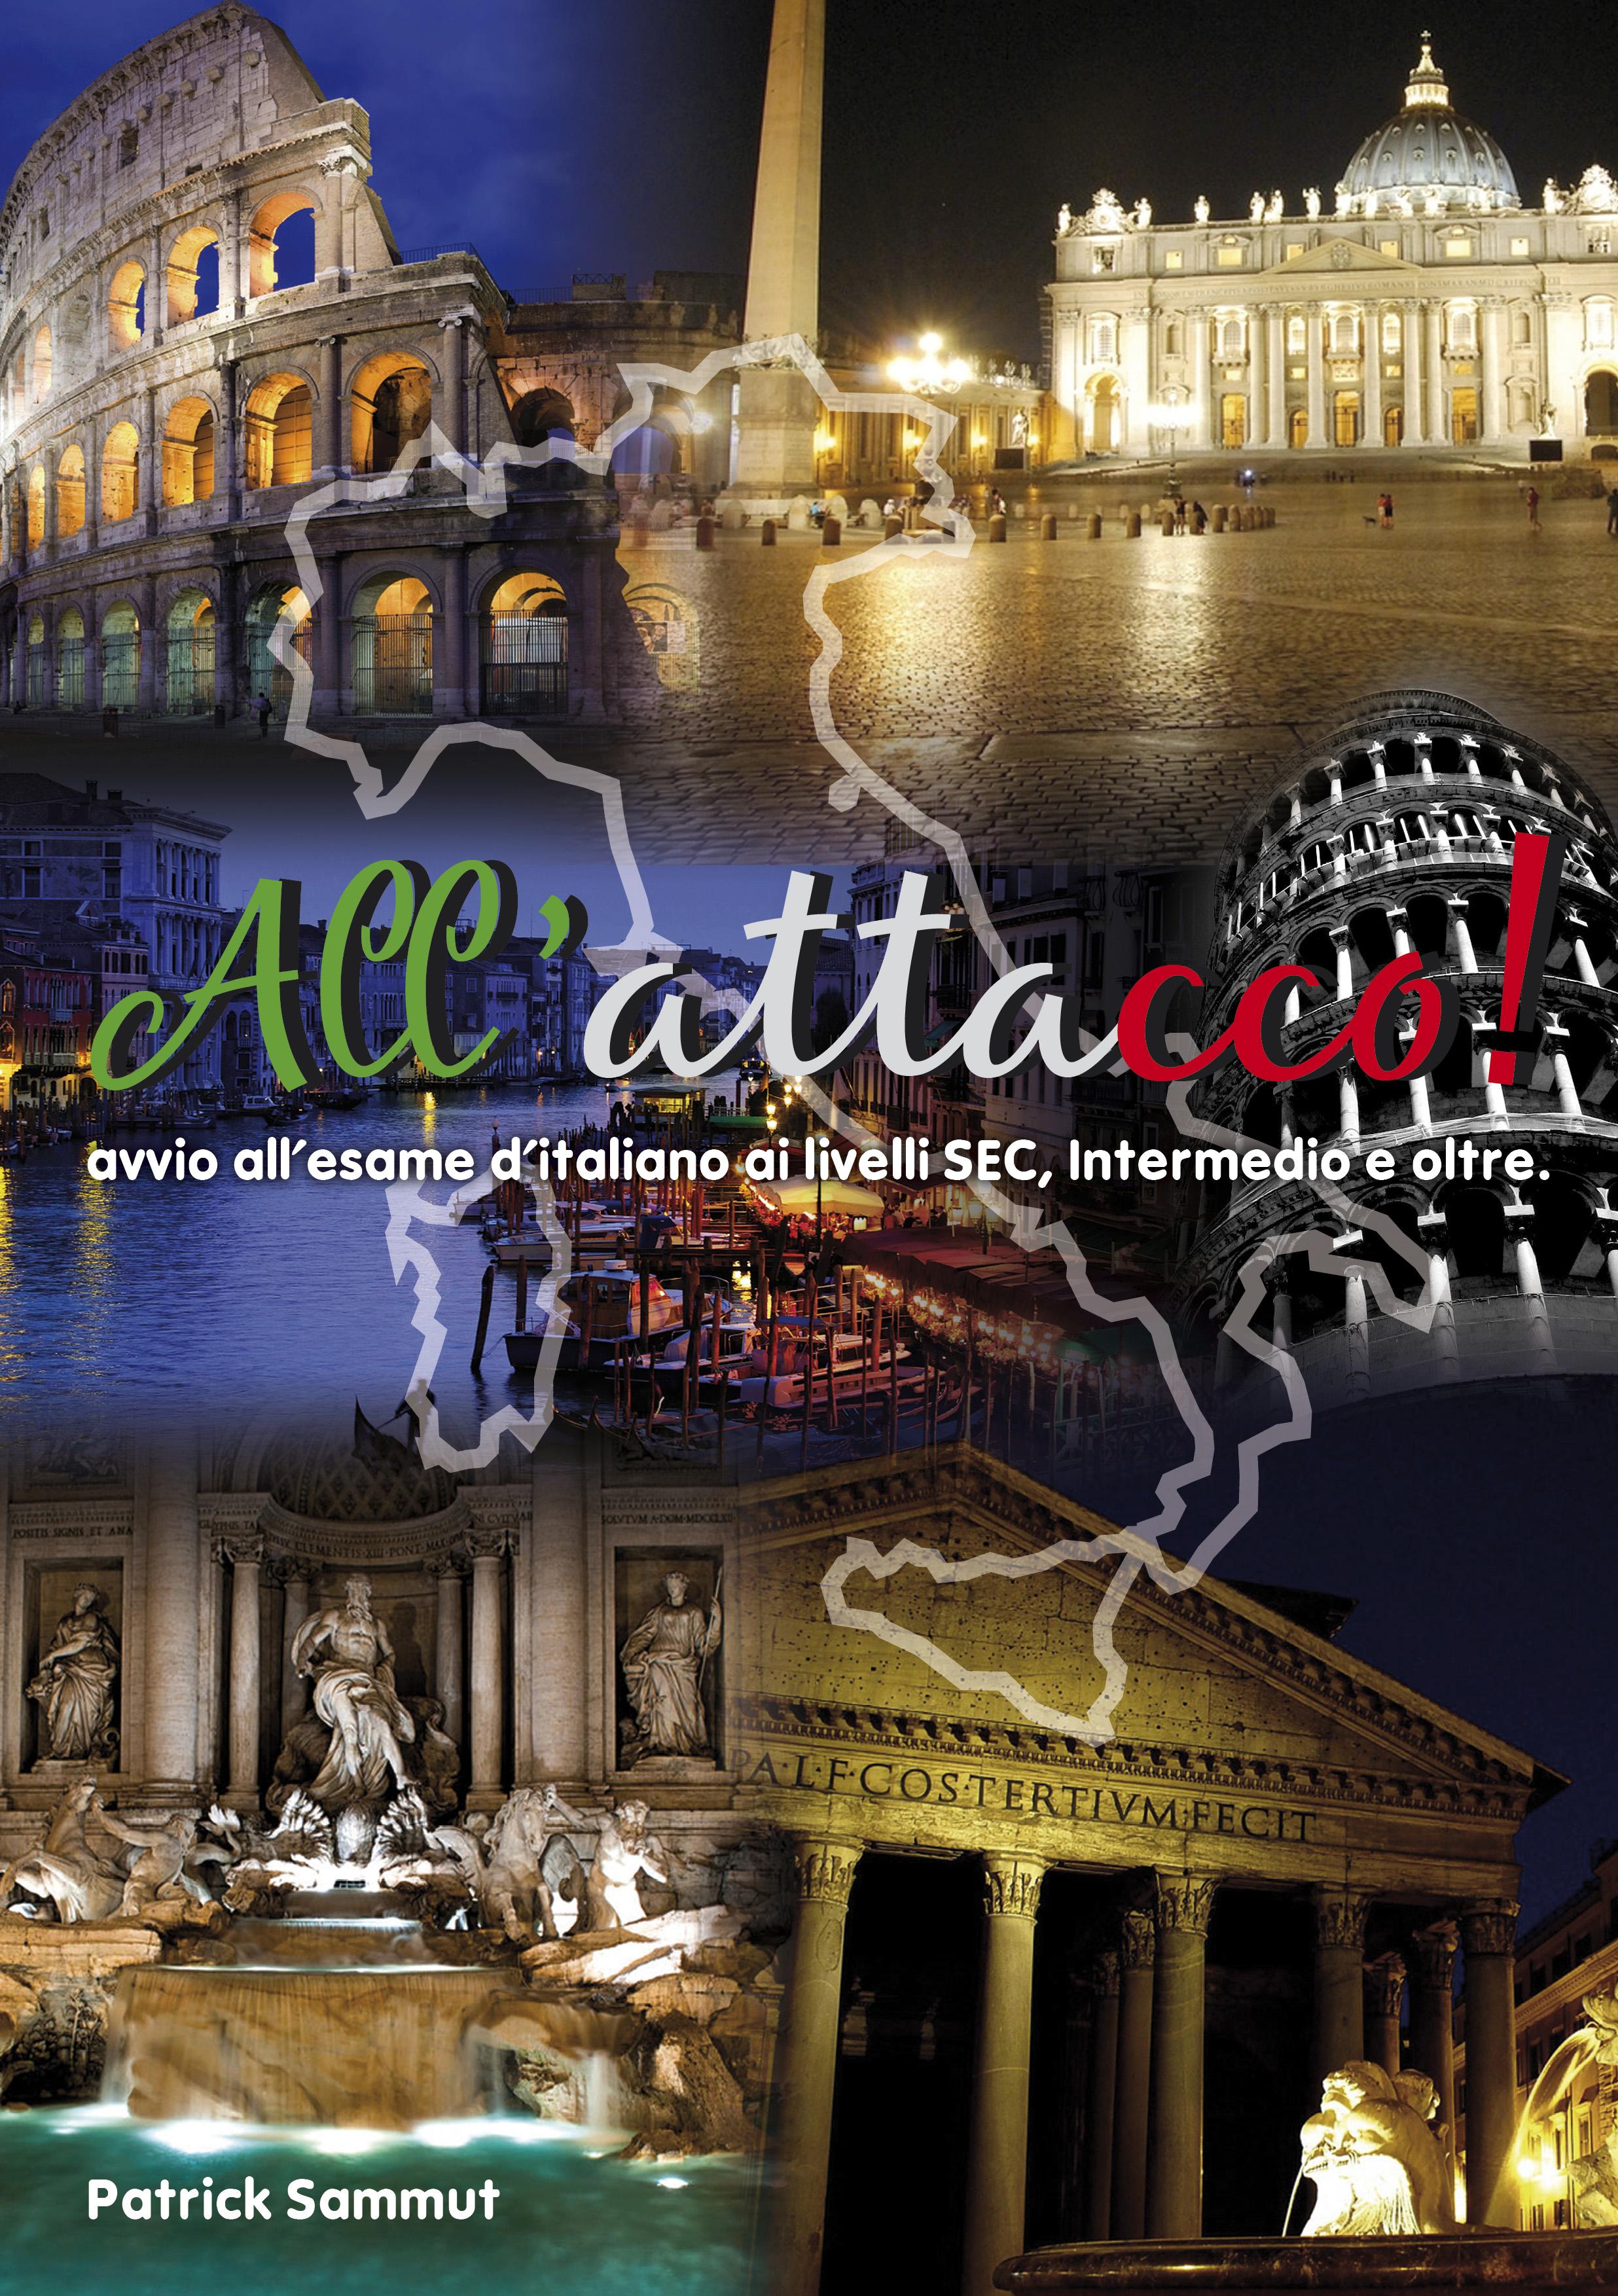 All Attacco! Avvio all-Esame d'Italiano ai Livelli SEC, Intermedio ed Oltre